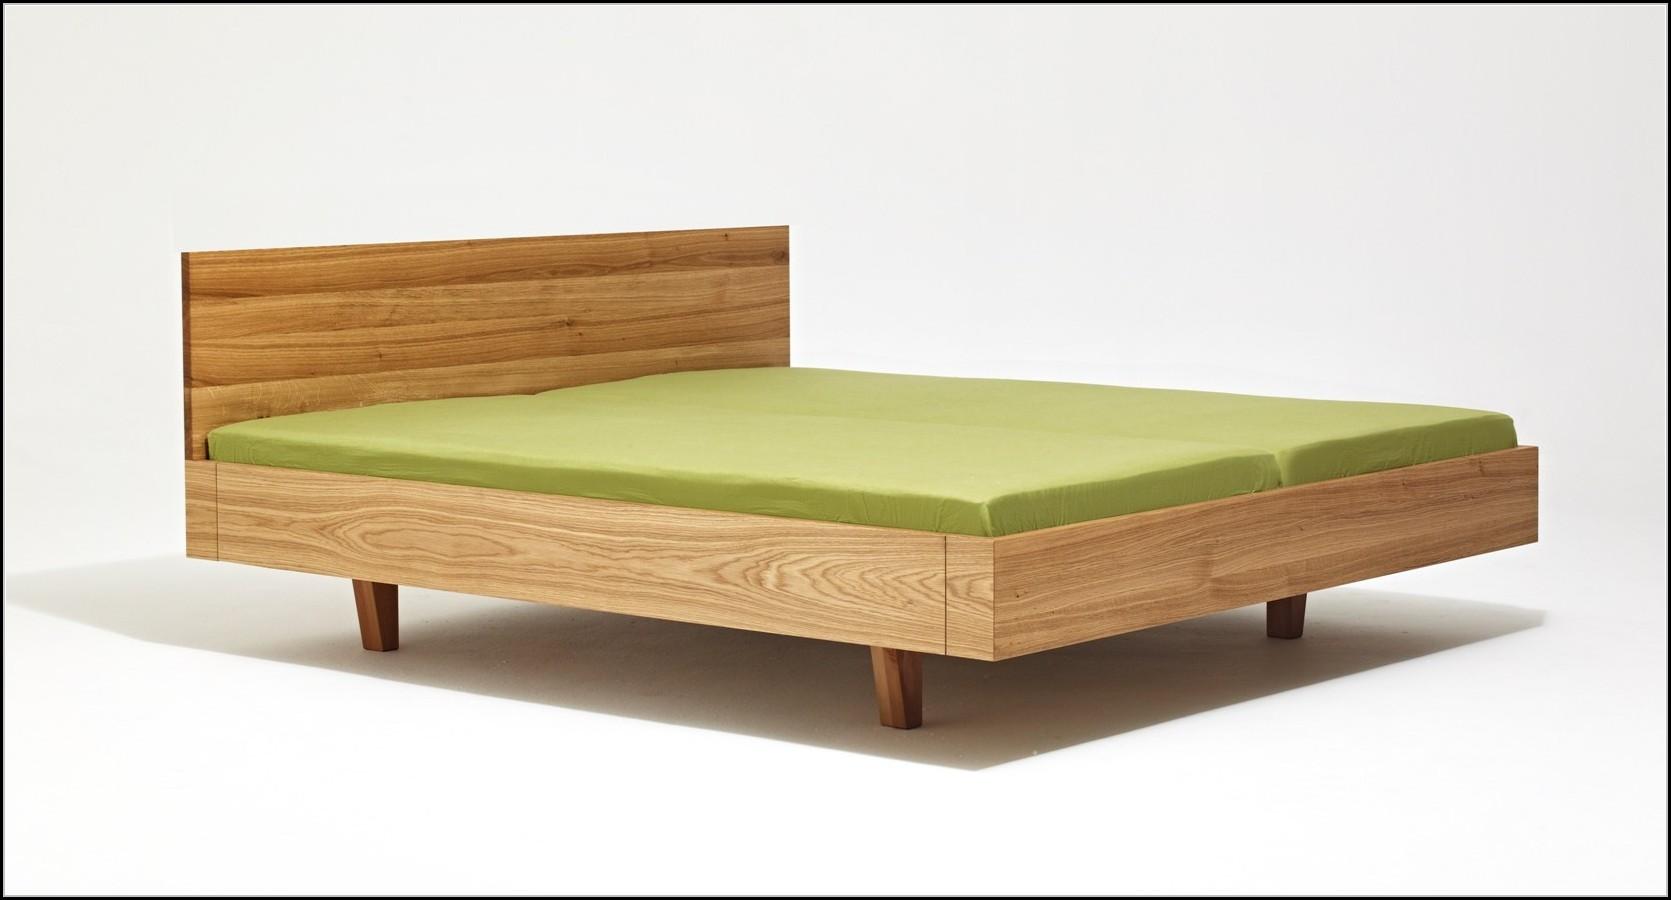 bett aus holz betten house und dekor galerie qx1aq751k0. Black Bedroom Furniture Sets. Home Design Ideas